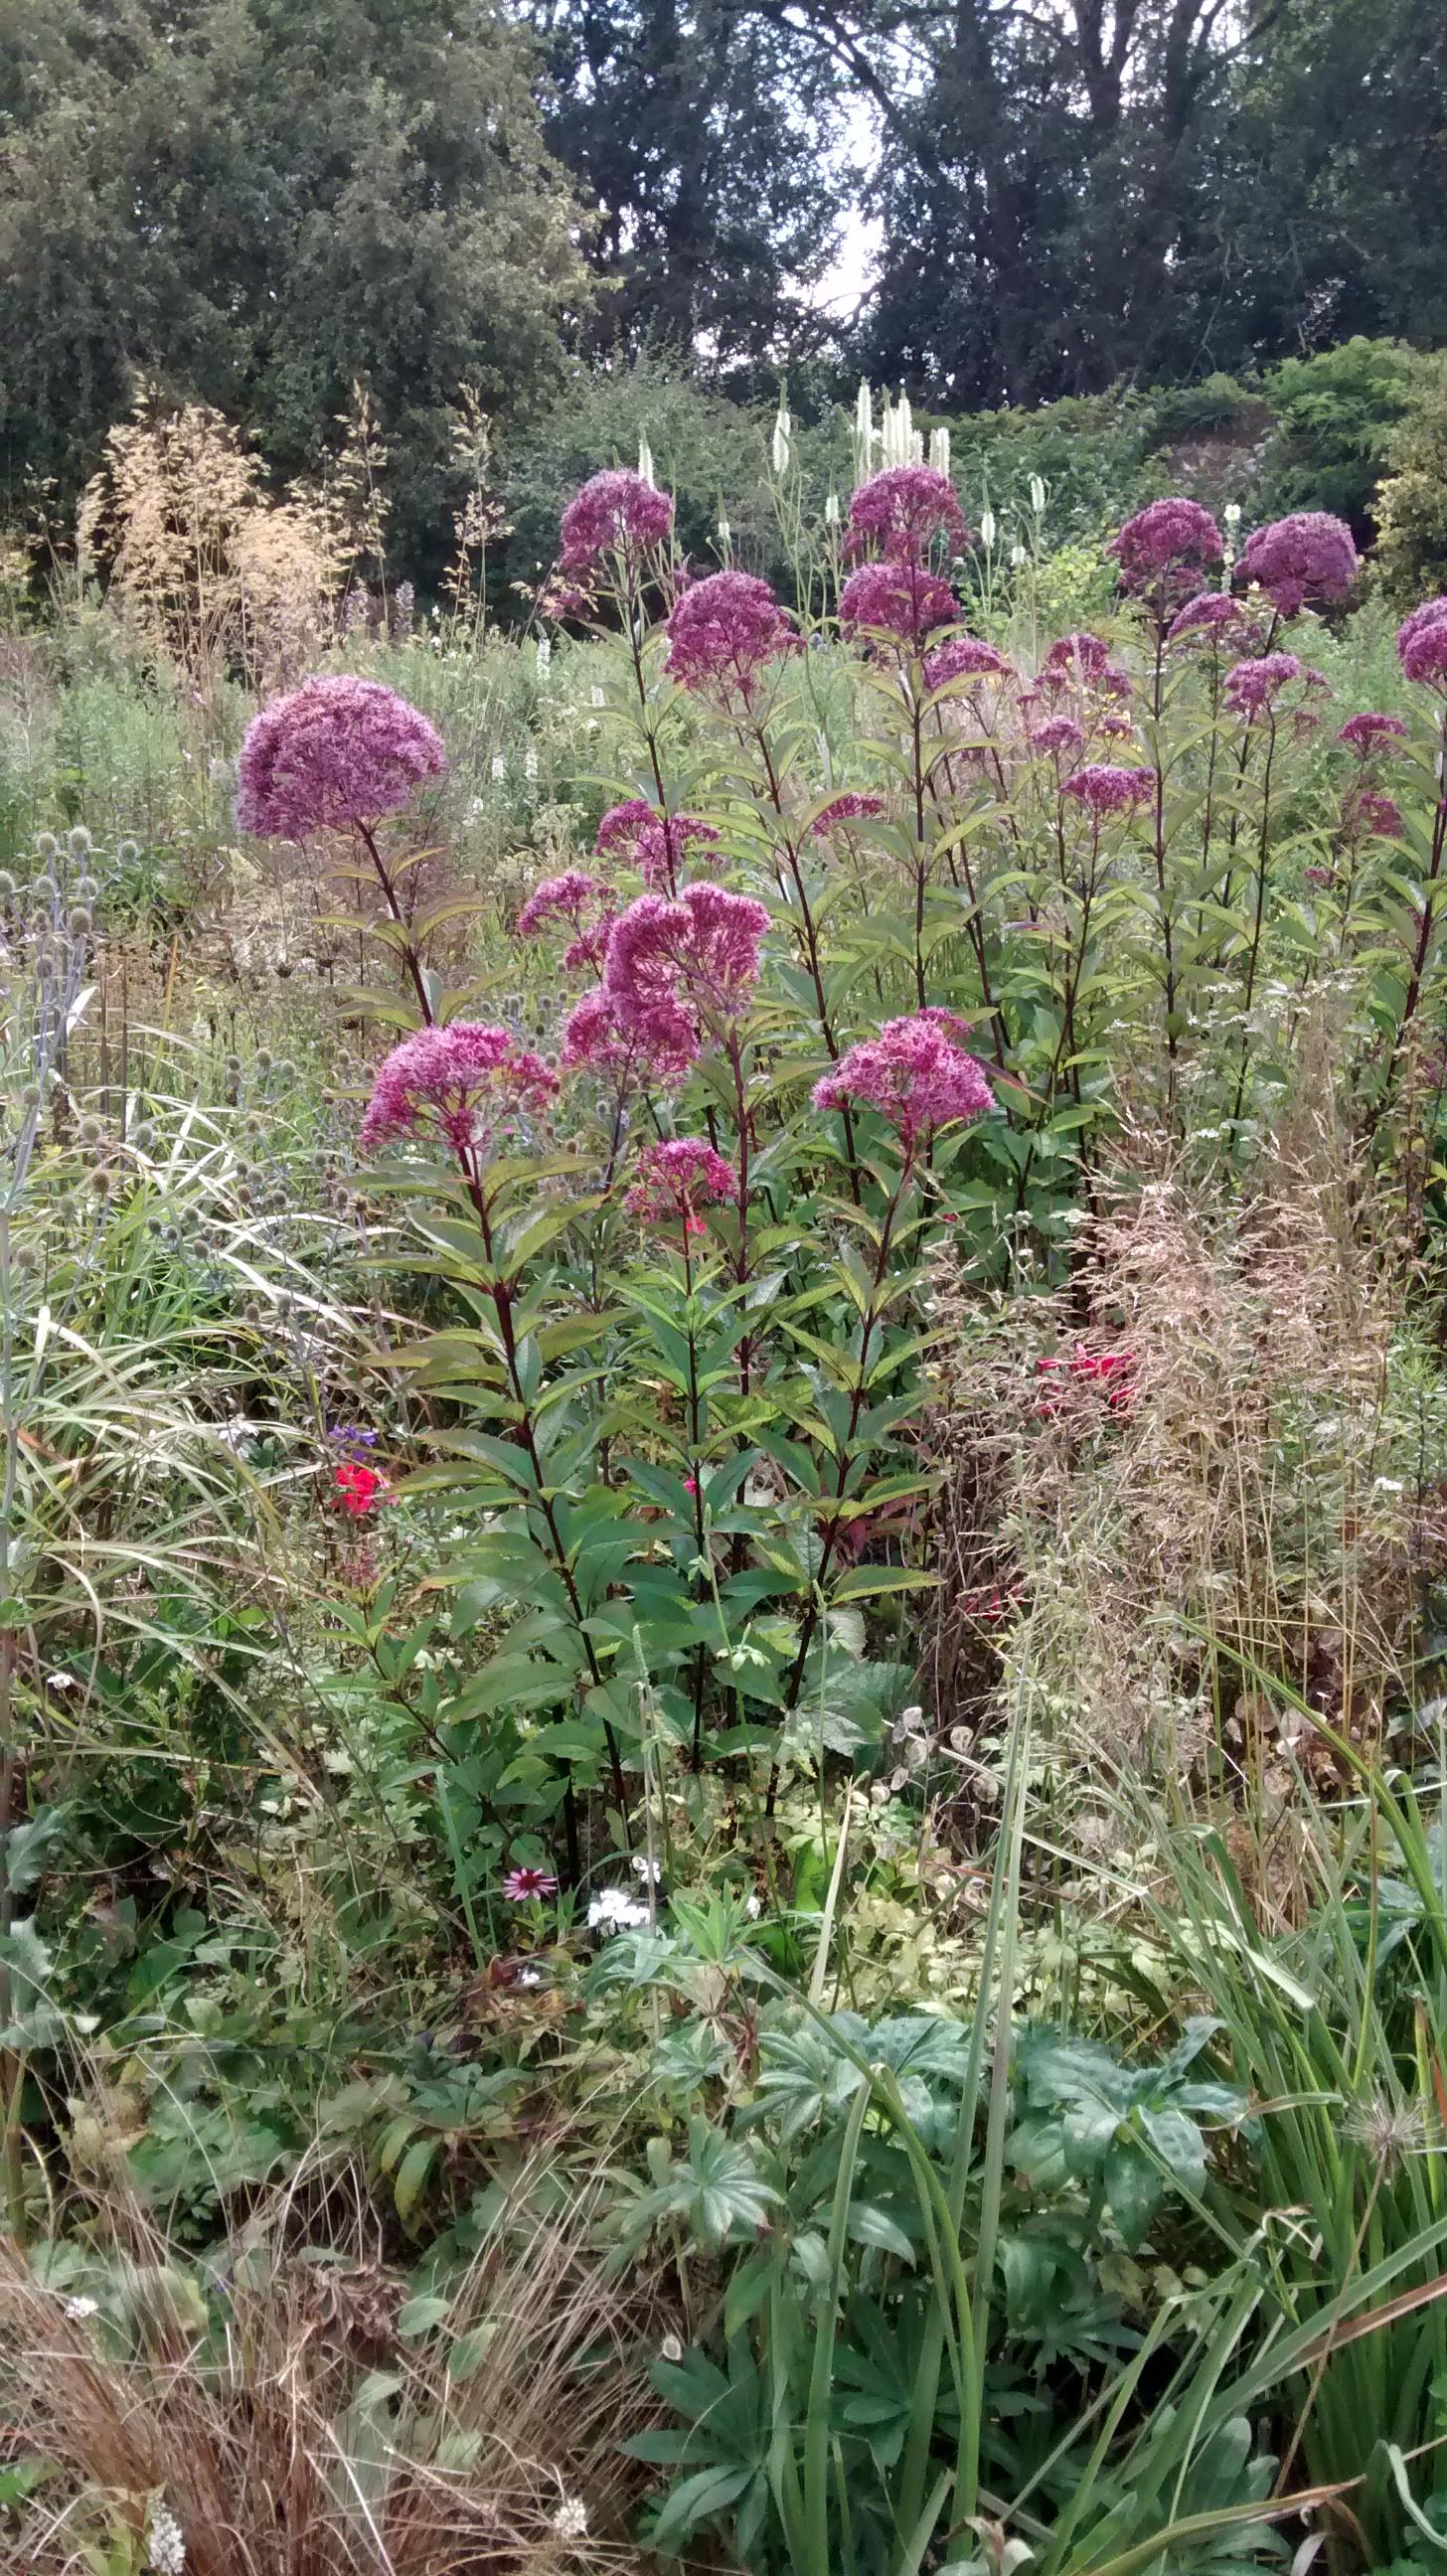 Eupatorium purpureum subsp. maculatum (Atropurpureum Group) 'Riesenschirm'